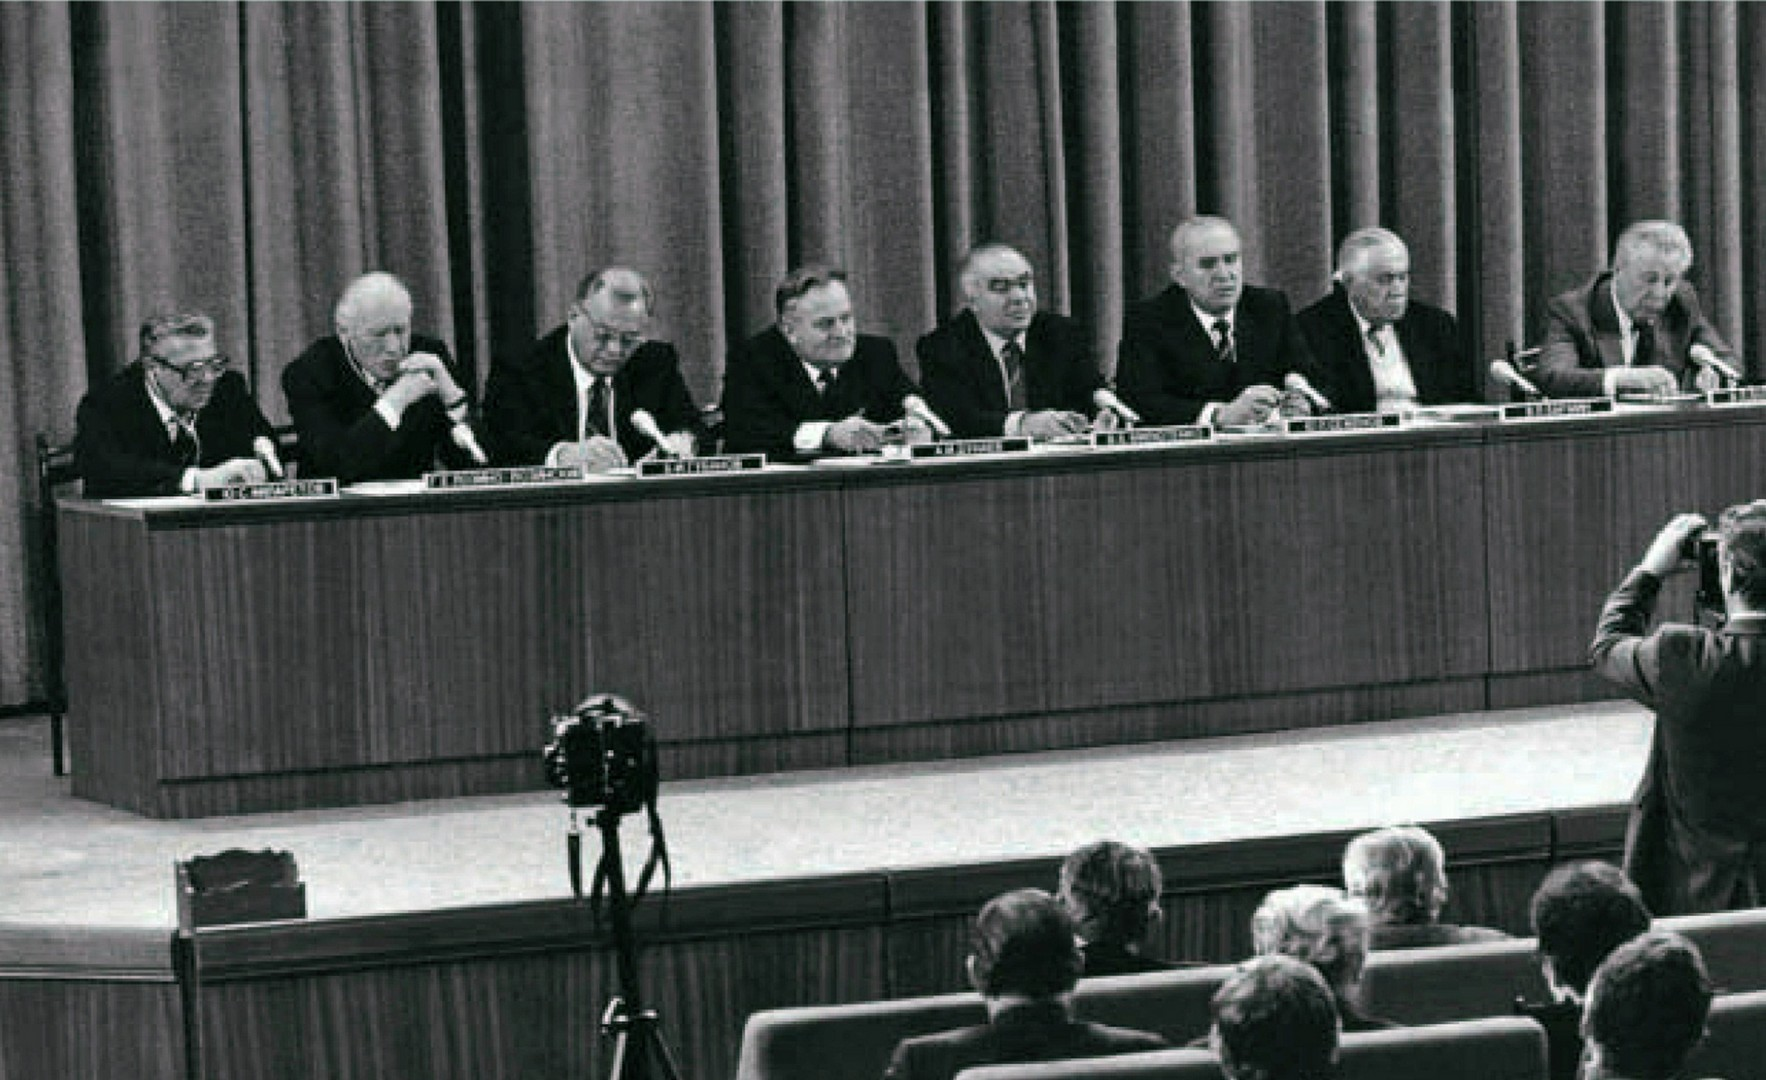 Пресс-конференция для советских и иностранных журналистов после успешного полёта МТКС «Энергия-Буран». Москва. Ноябрь 1988 г.